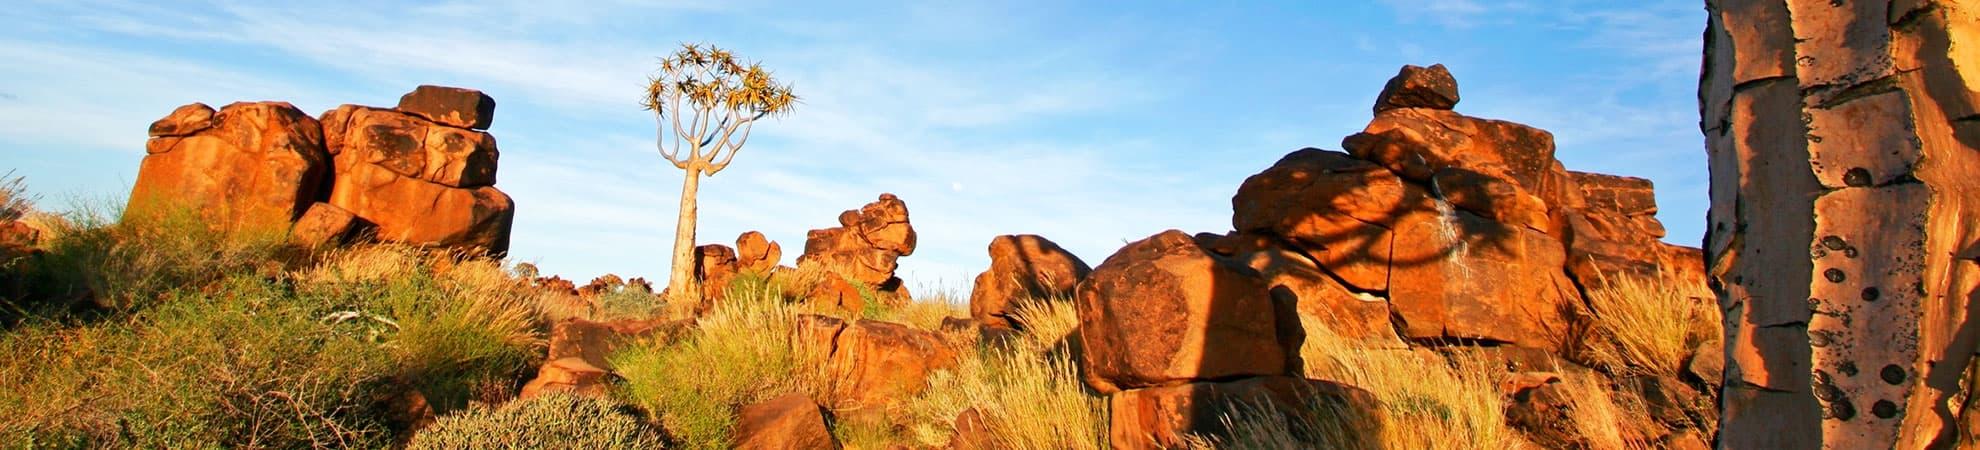 Voyage Les Plateaux du nord - Afrique du Sud